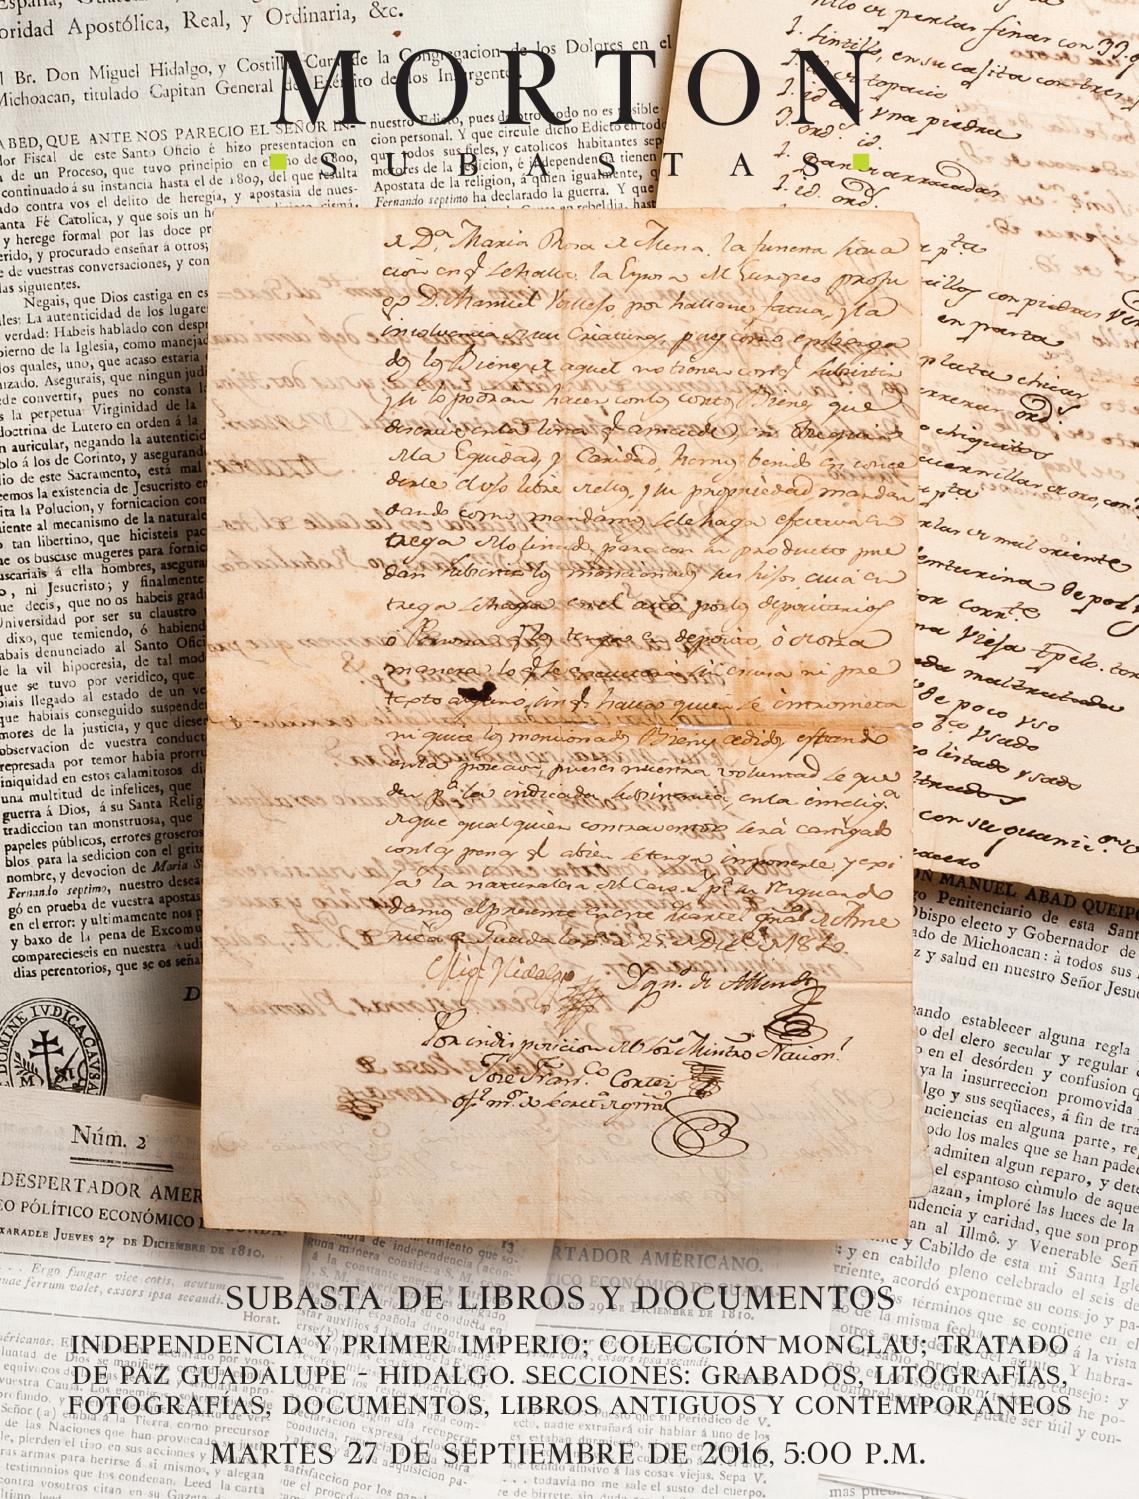 c5ce90ba204b Subasta de Libros y Documentos by Morton Subastas - issuu